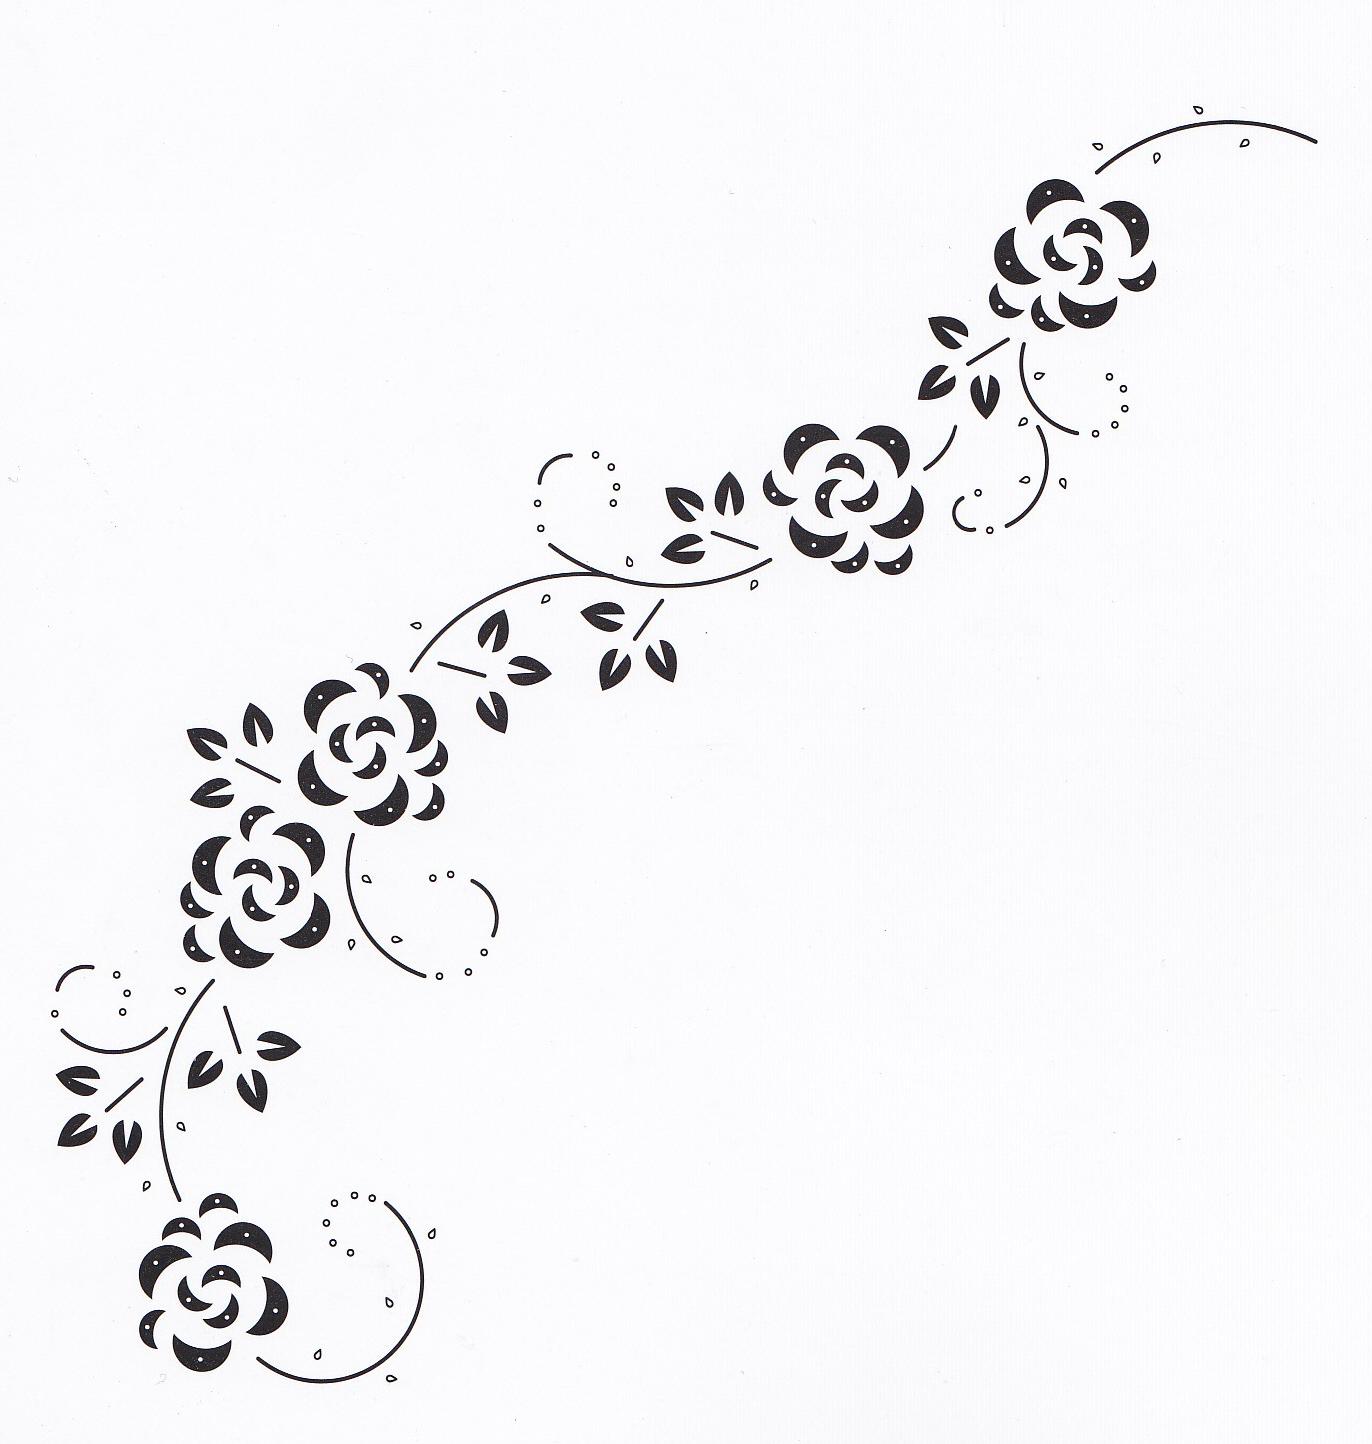 hobbydots patroon swirl met roosjes | Bordado | Pinterest | Bordado ...